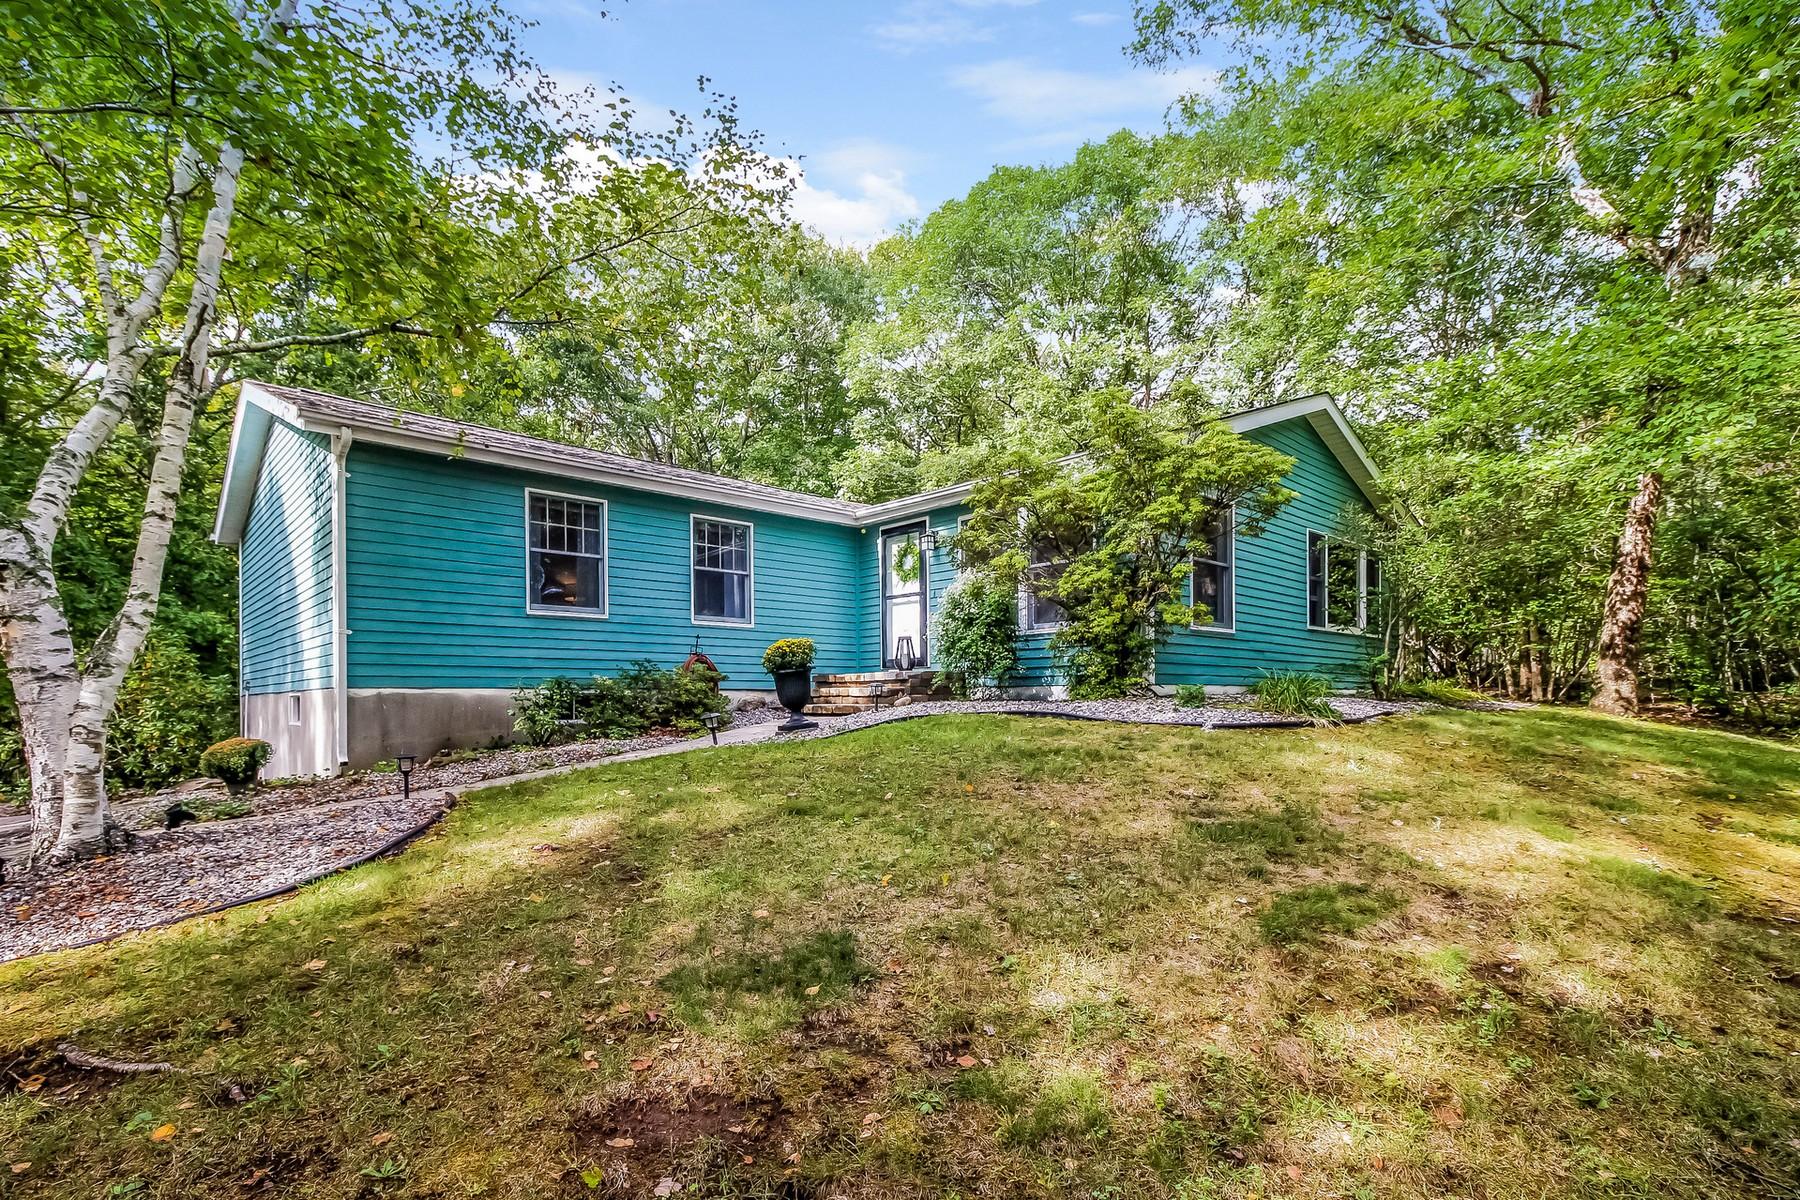 独户住宅 为 销售 在 Impeccably Remodeled 15 King James Dr 东莱姆, 康涅狄格州, 06333 美国